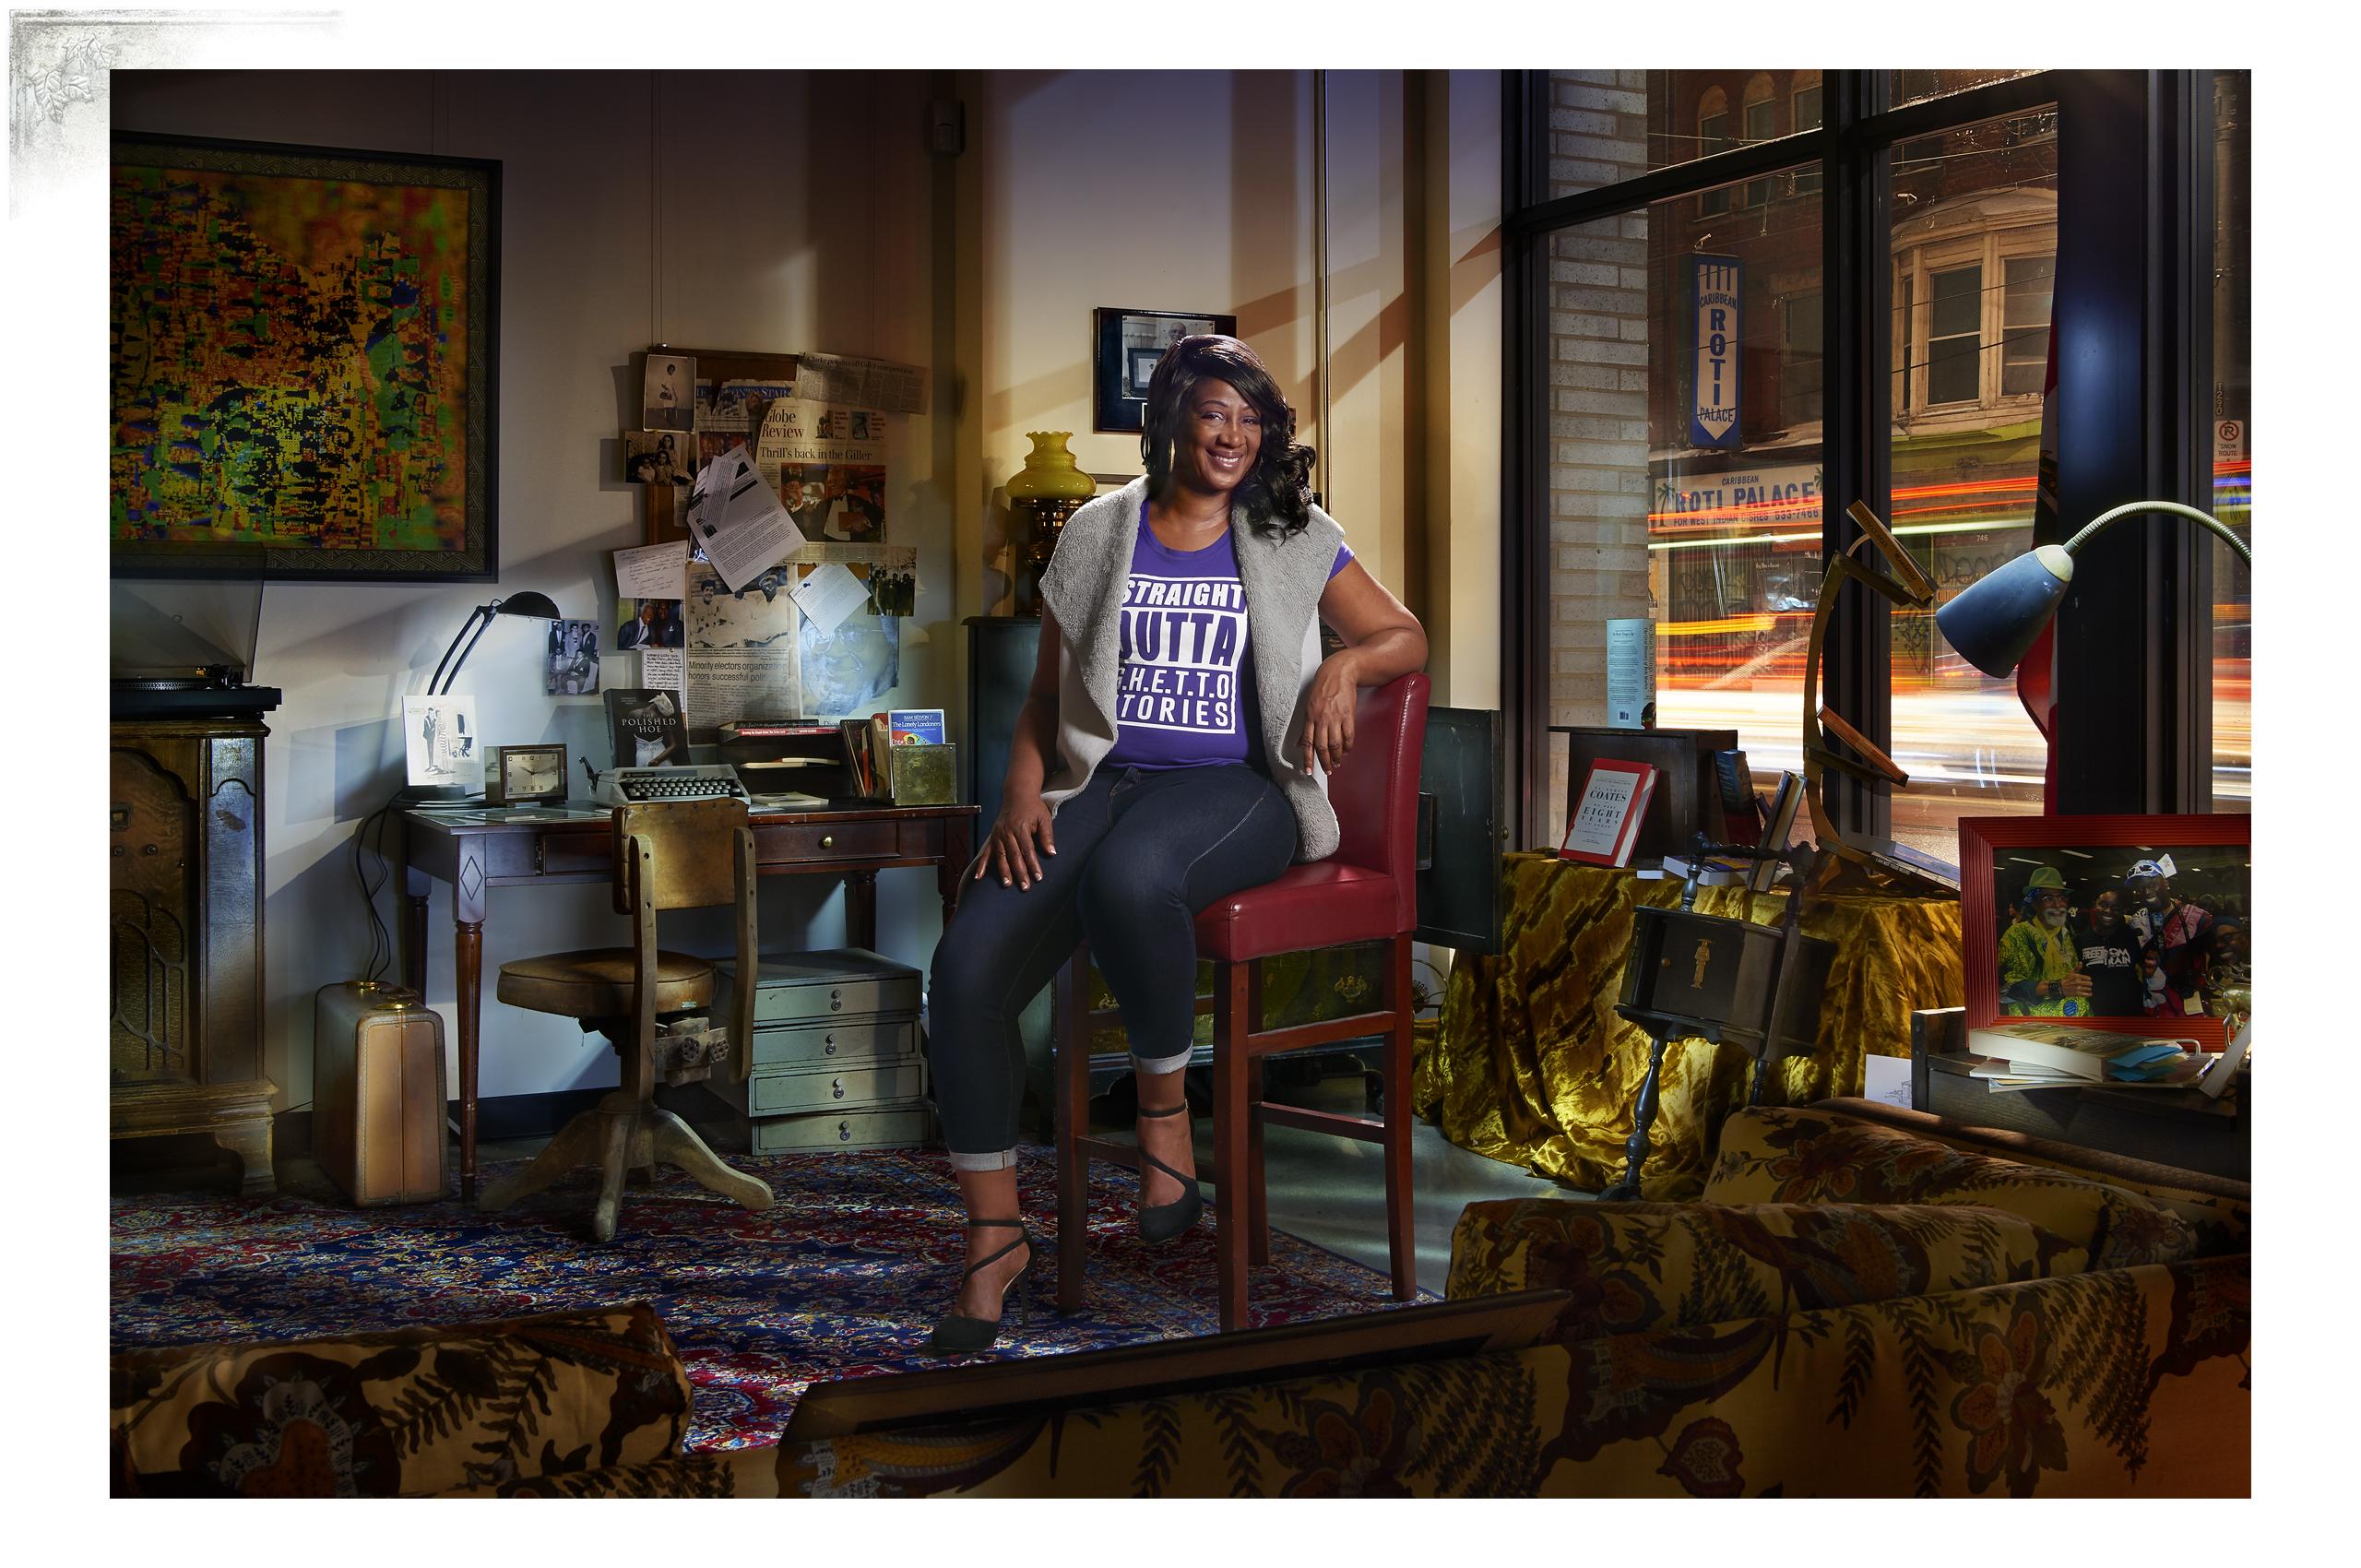 ElaineLloydRobinson50x50PortfPage.jpg